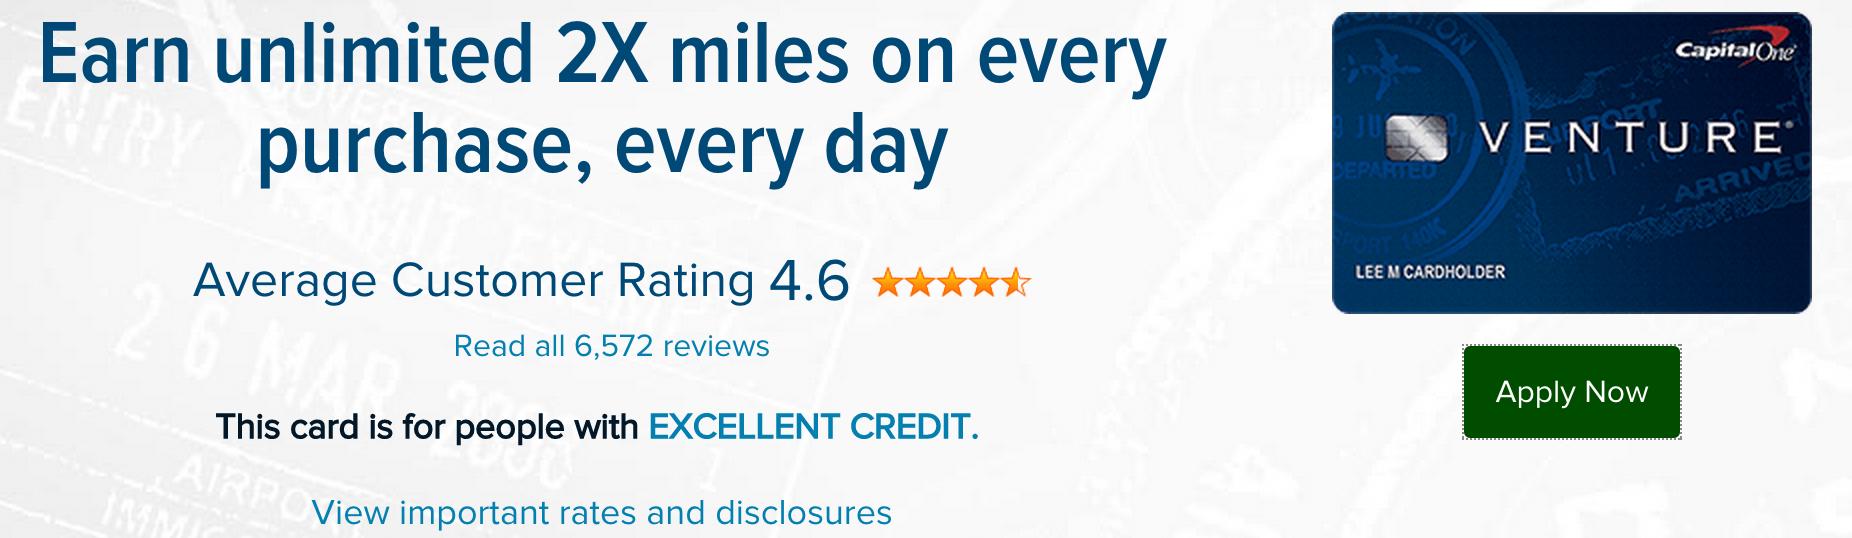 capital one credit card double miles ближайший банкомат кубань кредит